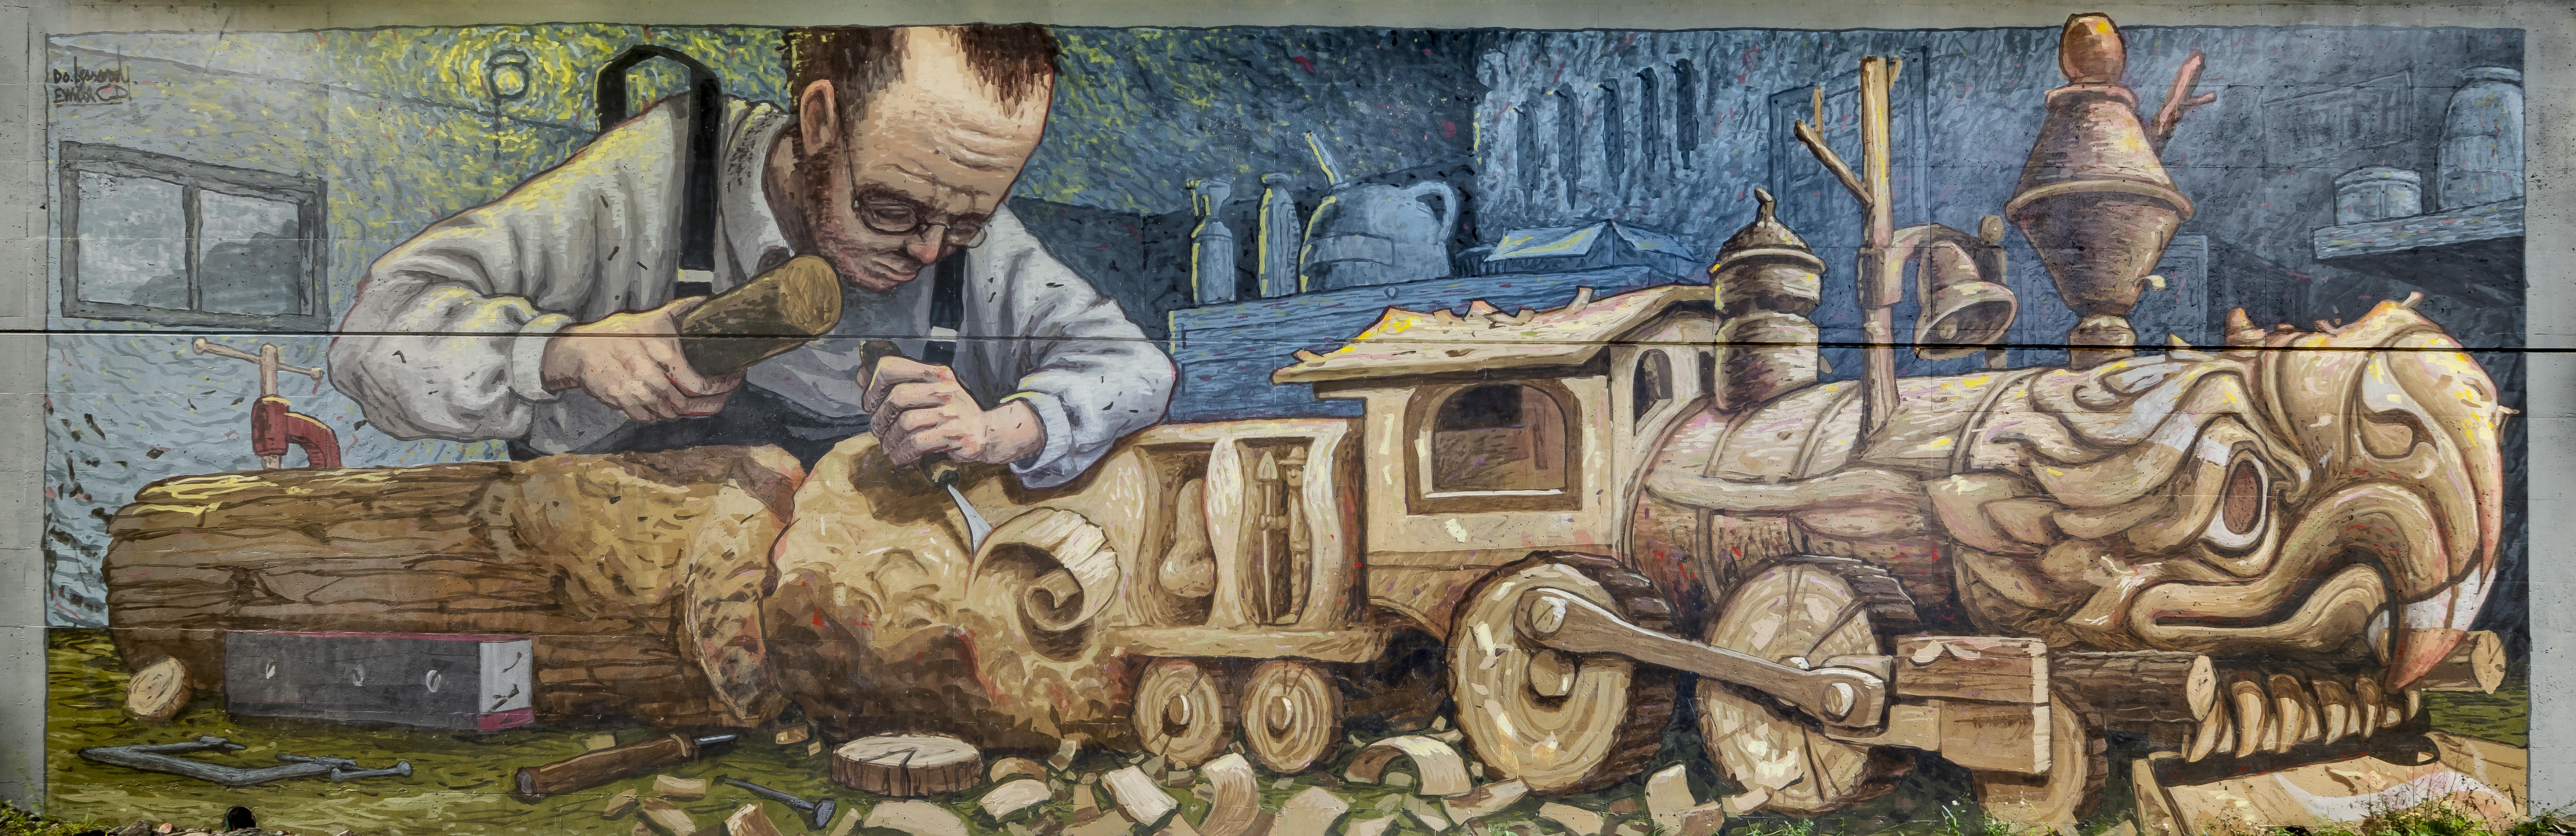 Sculpteur de bois